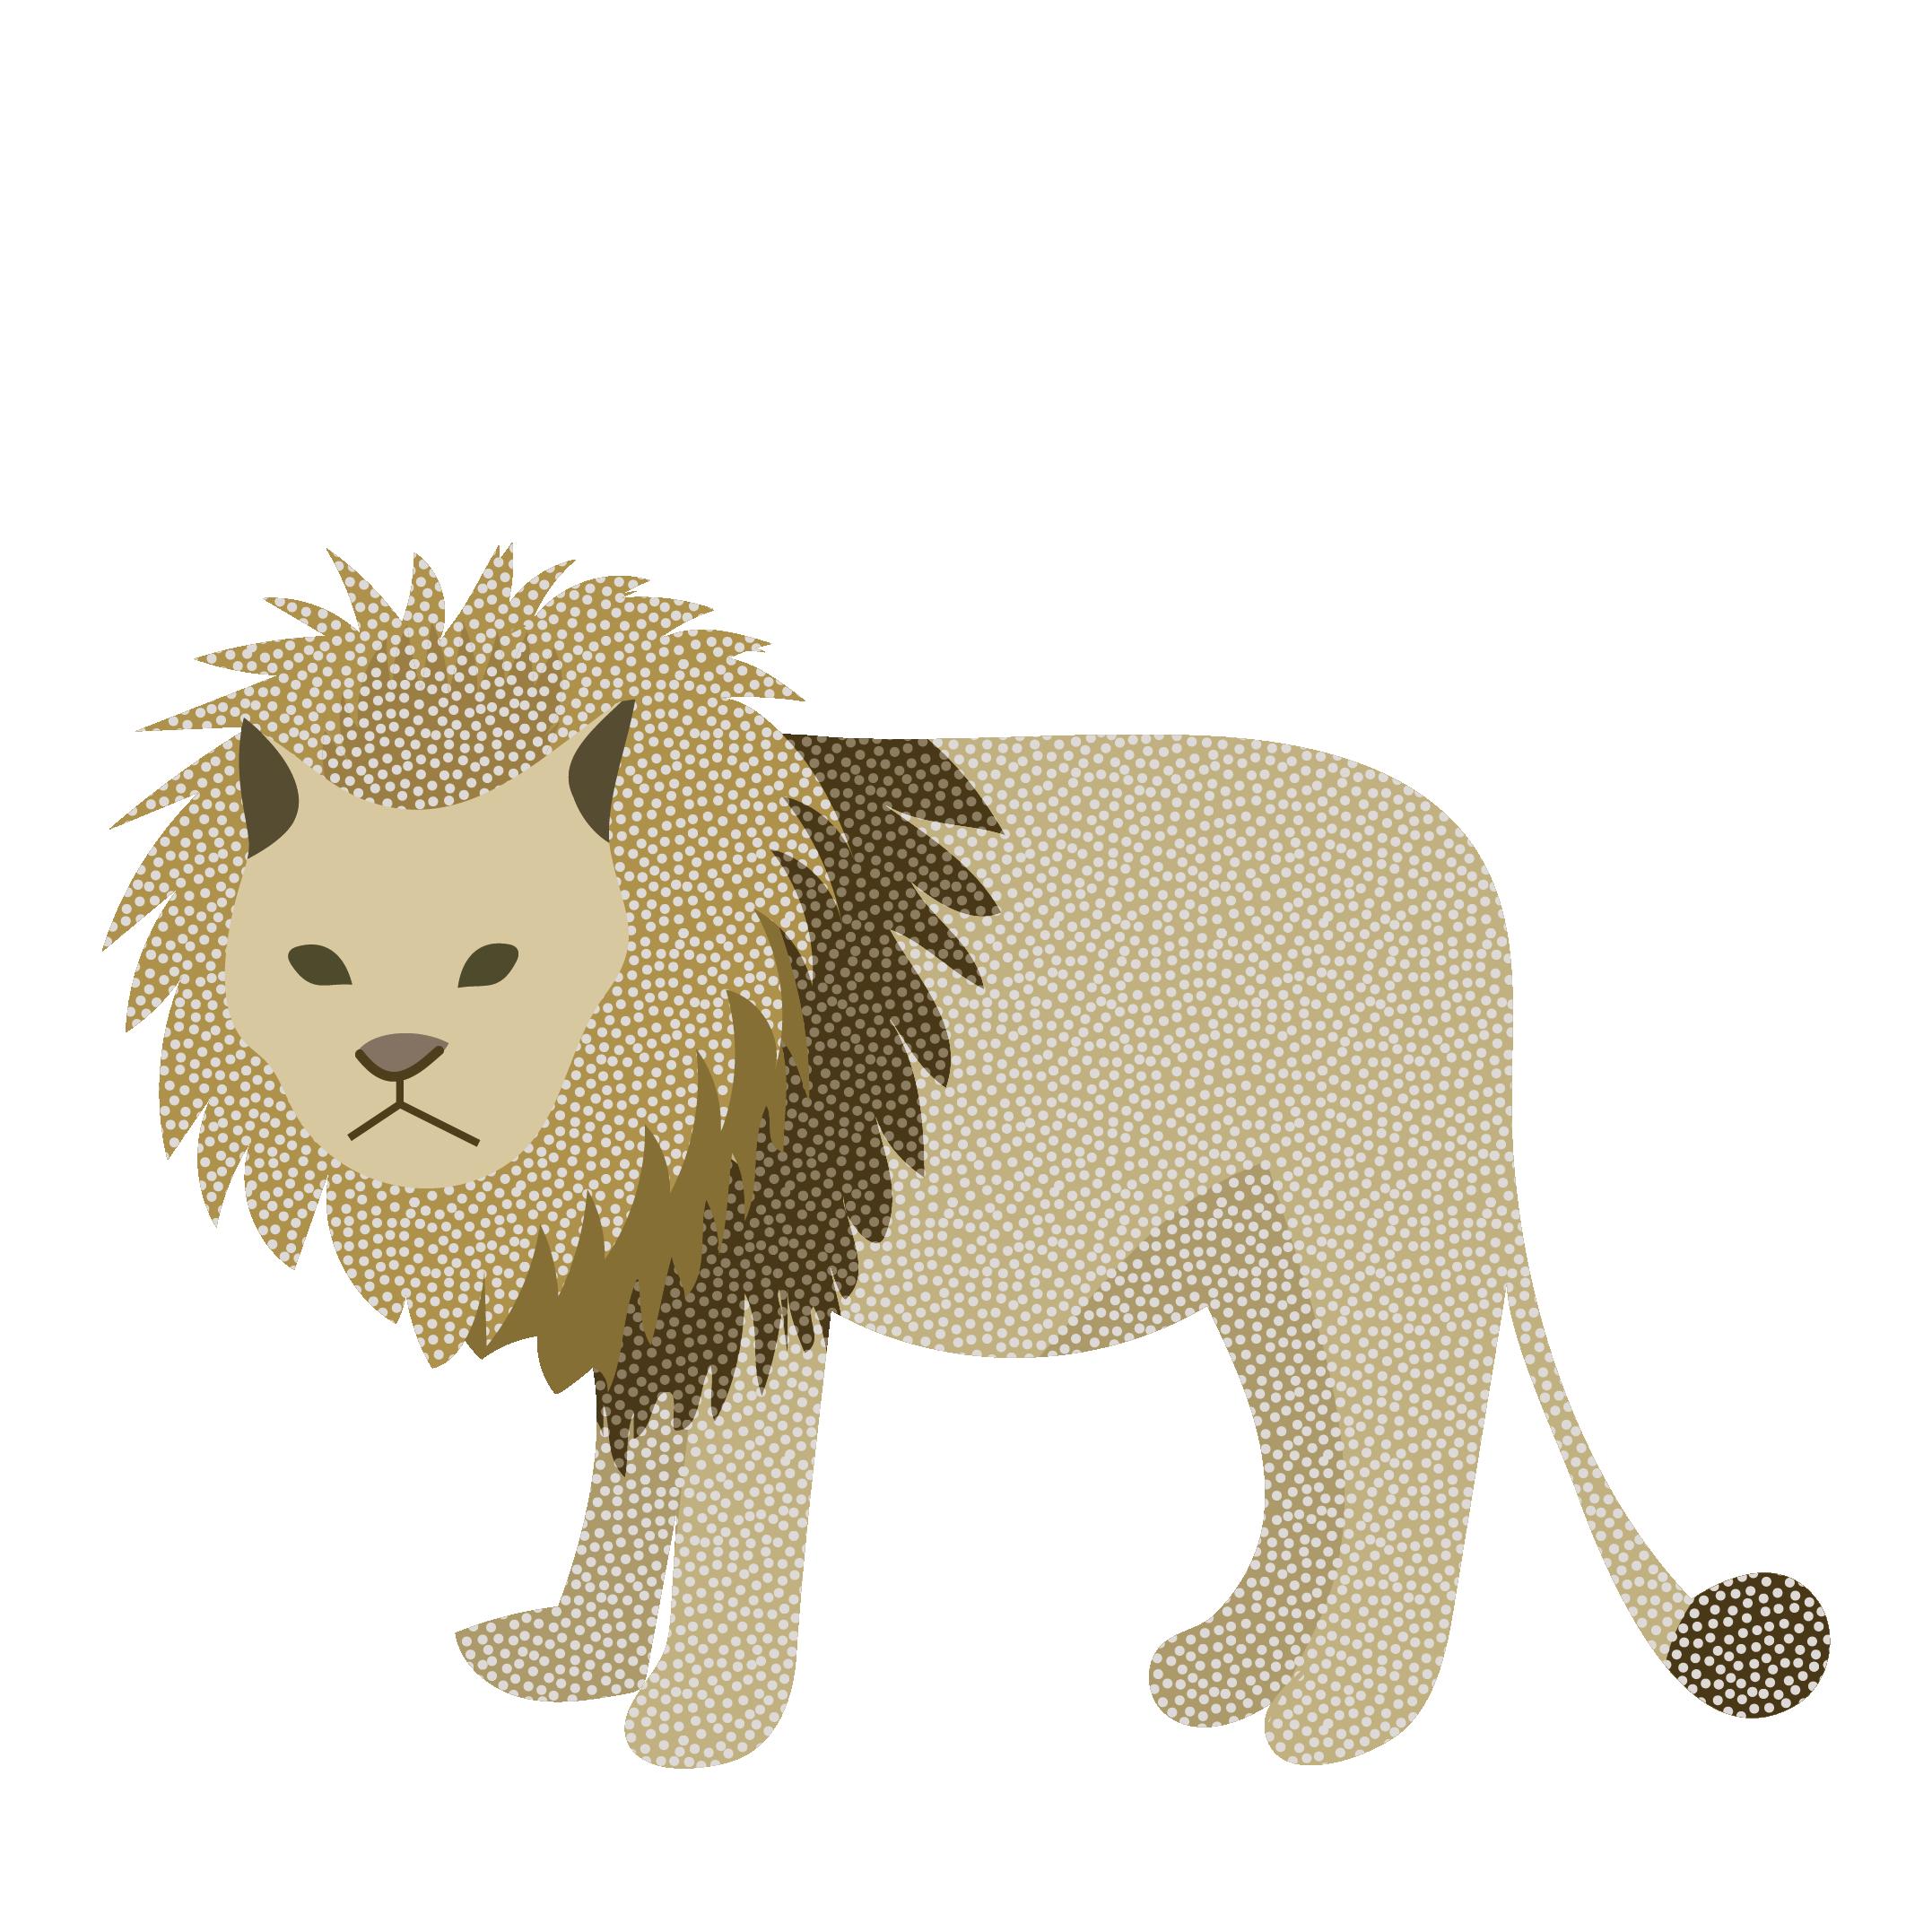 オシャレなライオン(らいおん)のイラスト 【動物】 | 商用フリー(無料